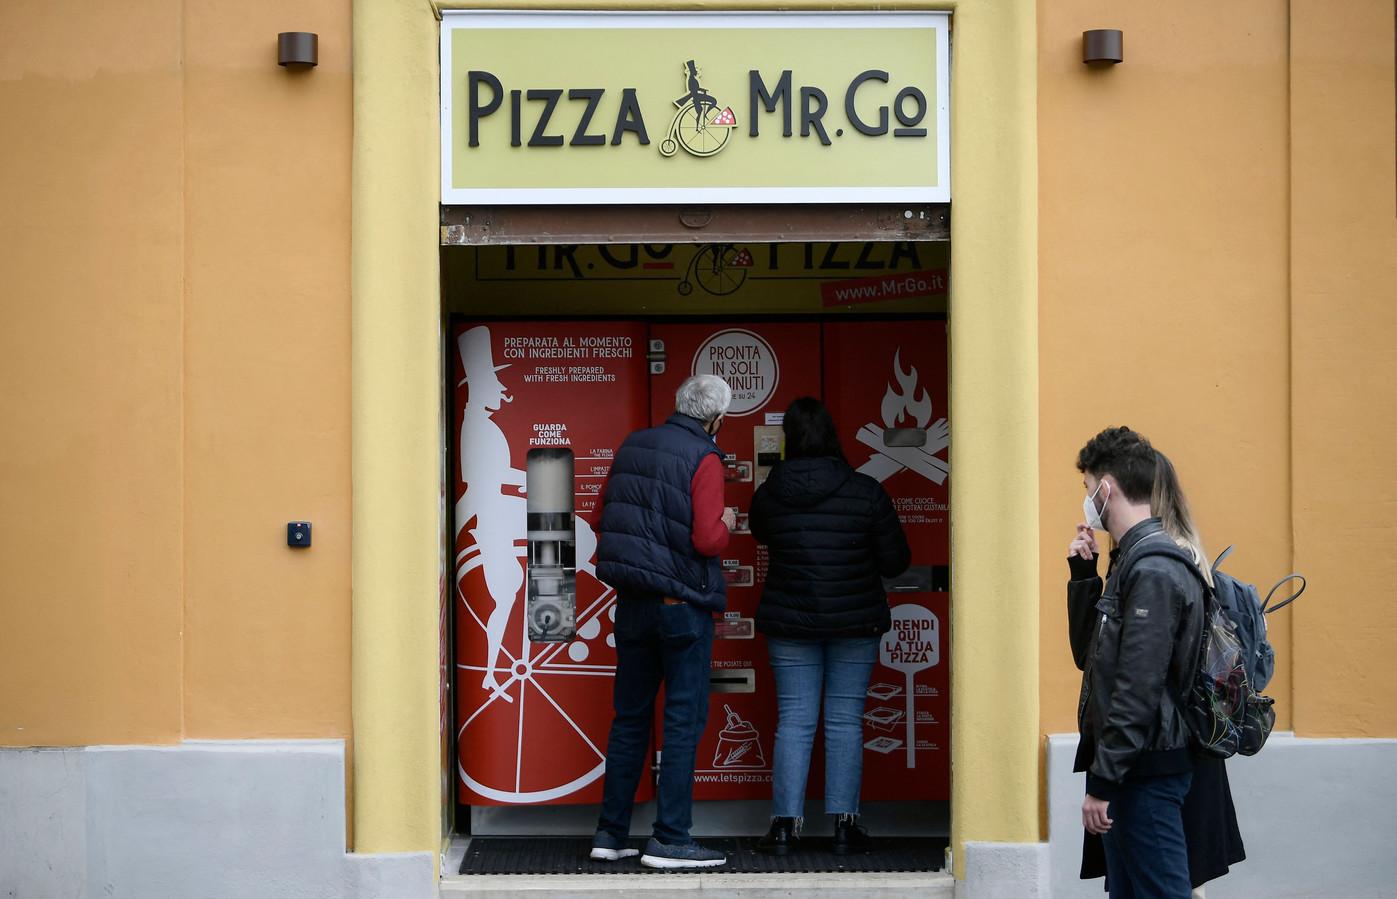 Niet iedereen is blij met de pizza-automaat in Rome.